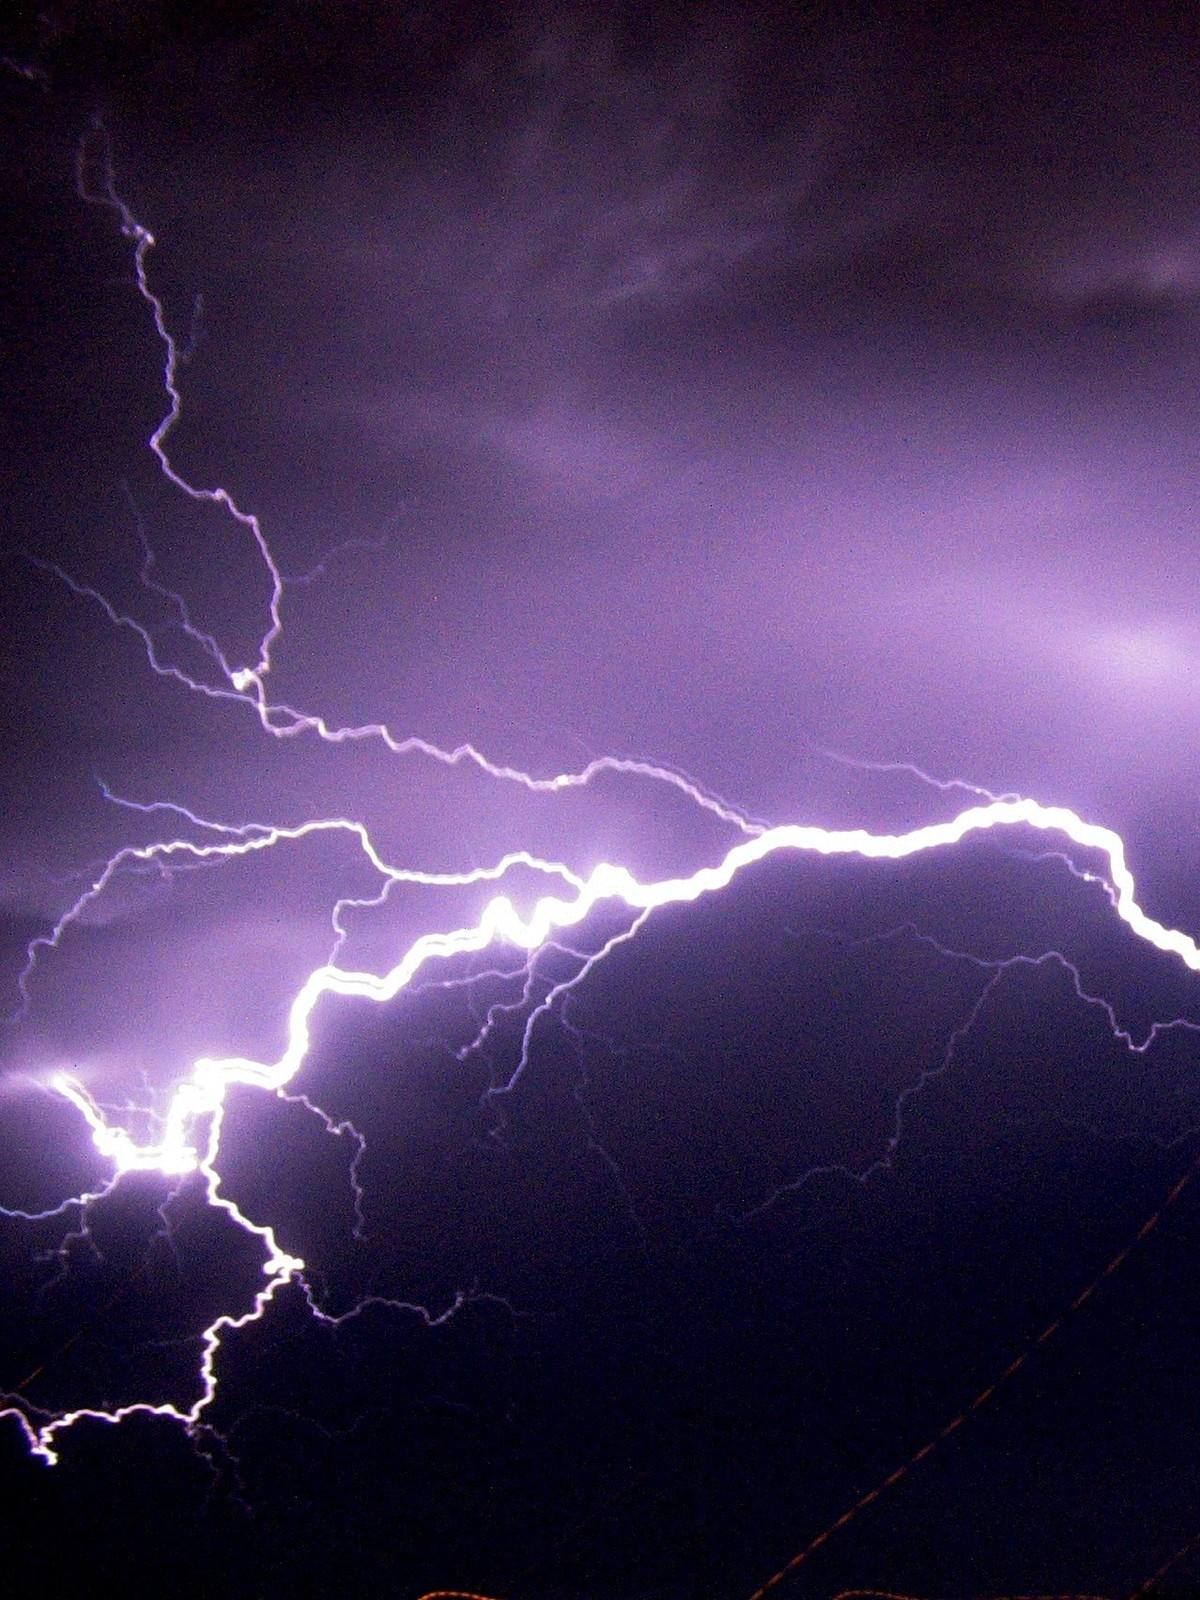 Slik sikrer du deg mot skader etter lynnedslag – NRK Møre og